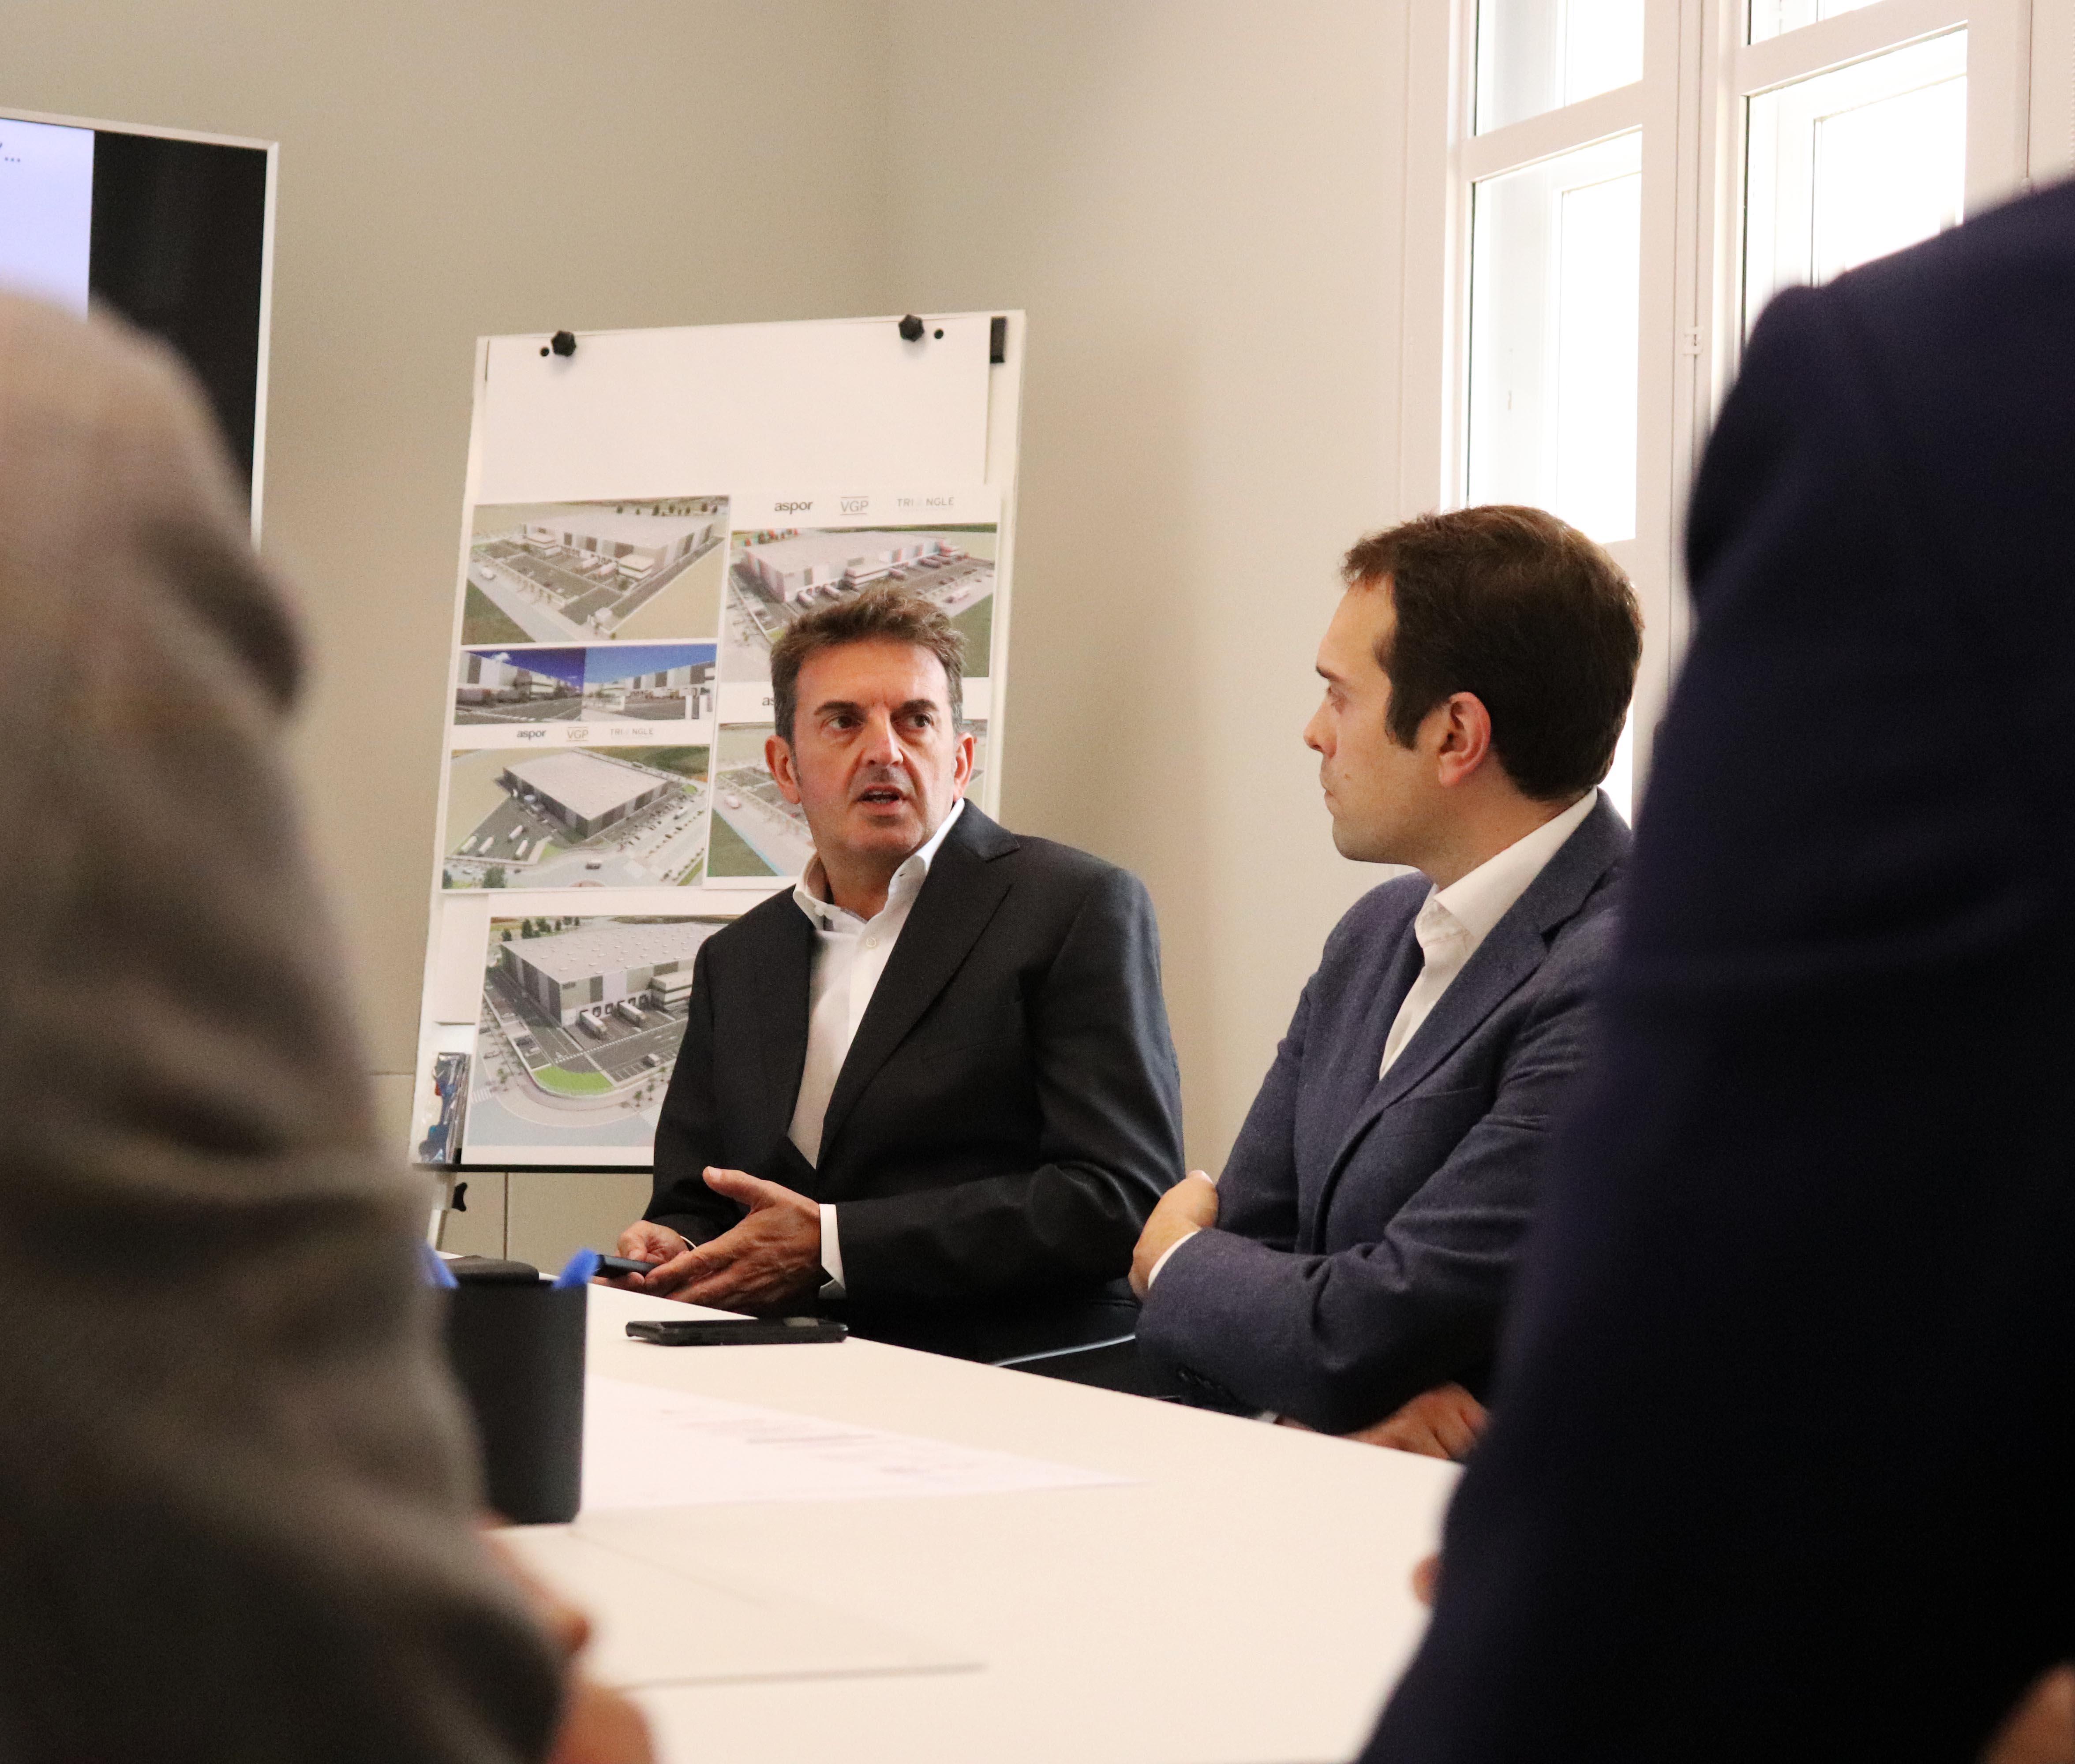 Presentación del proyecto por parte de VGP al Gobierno municipal de Cheste.